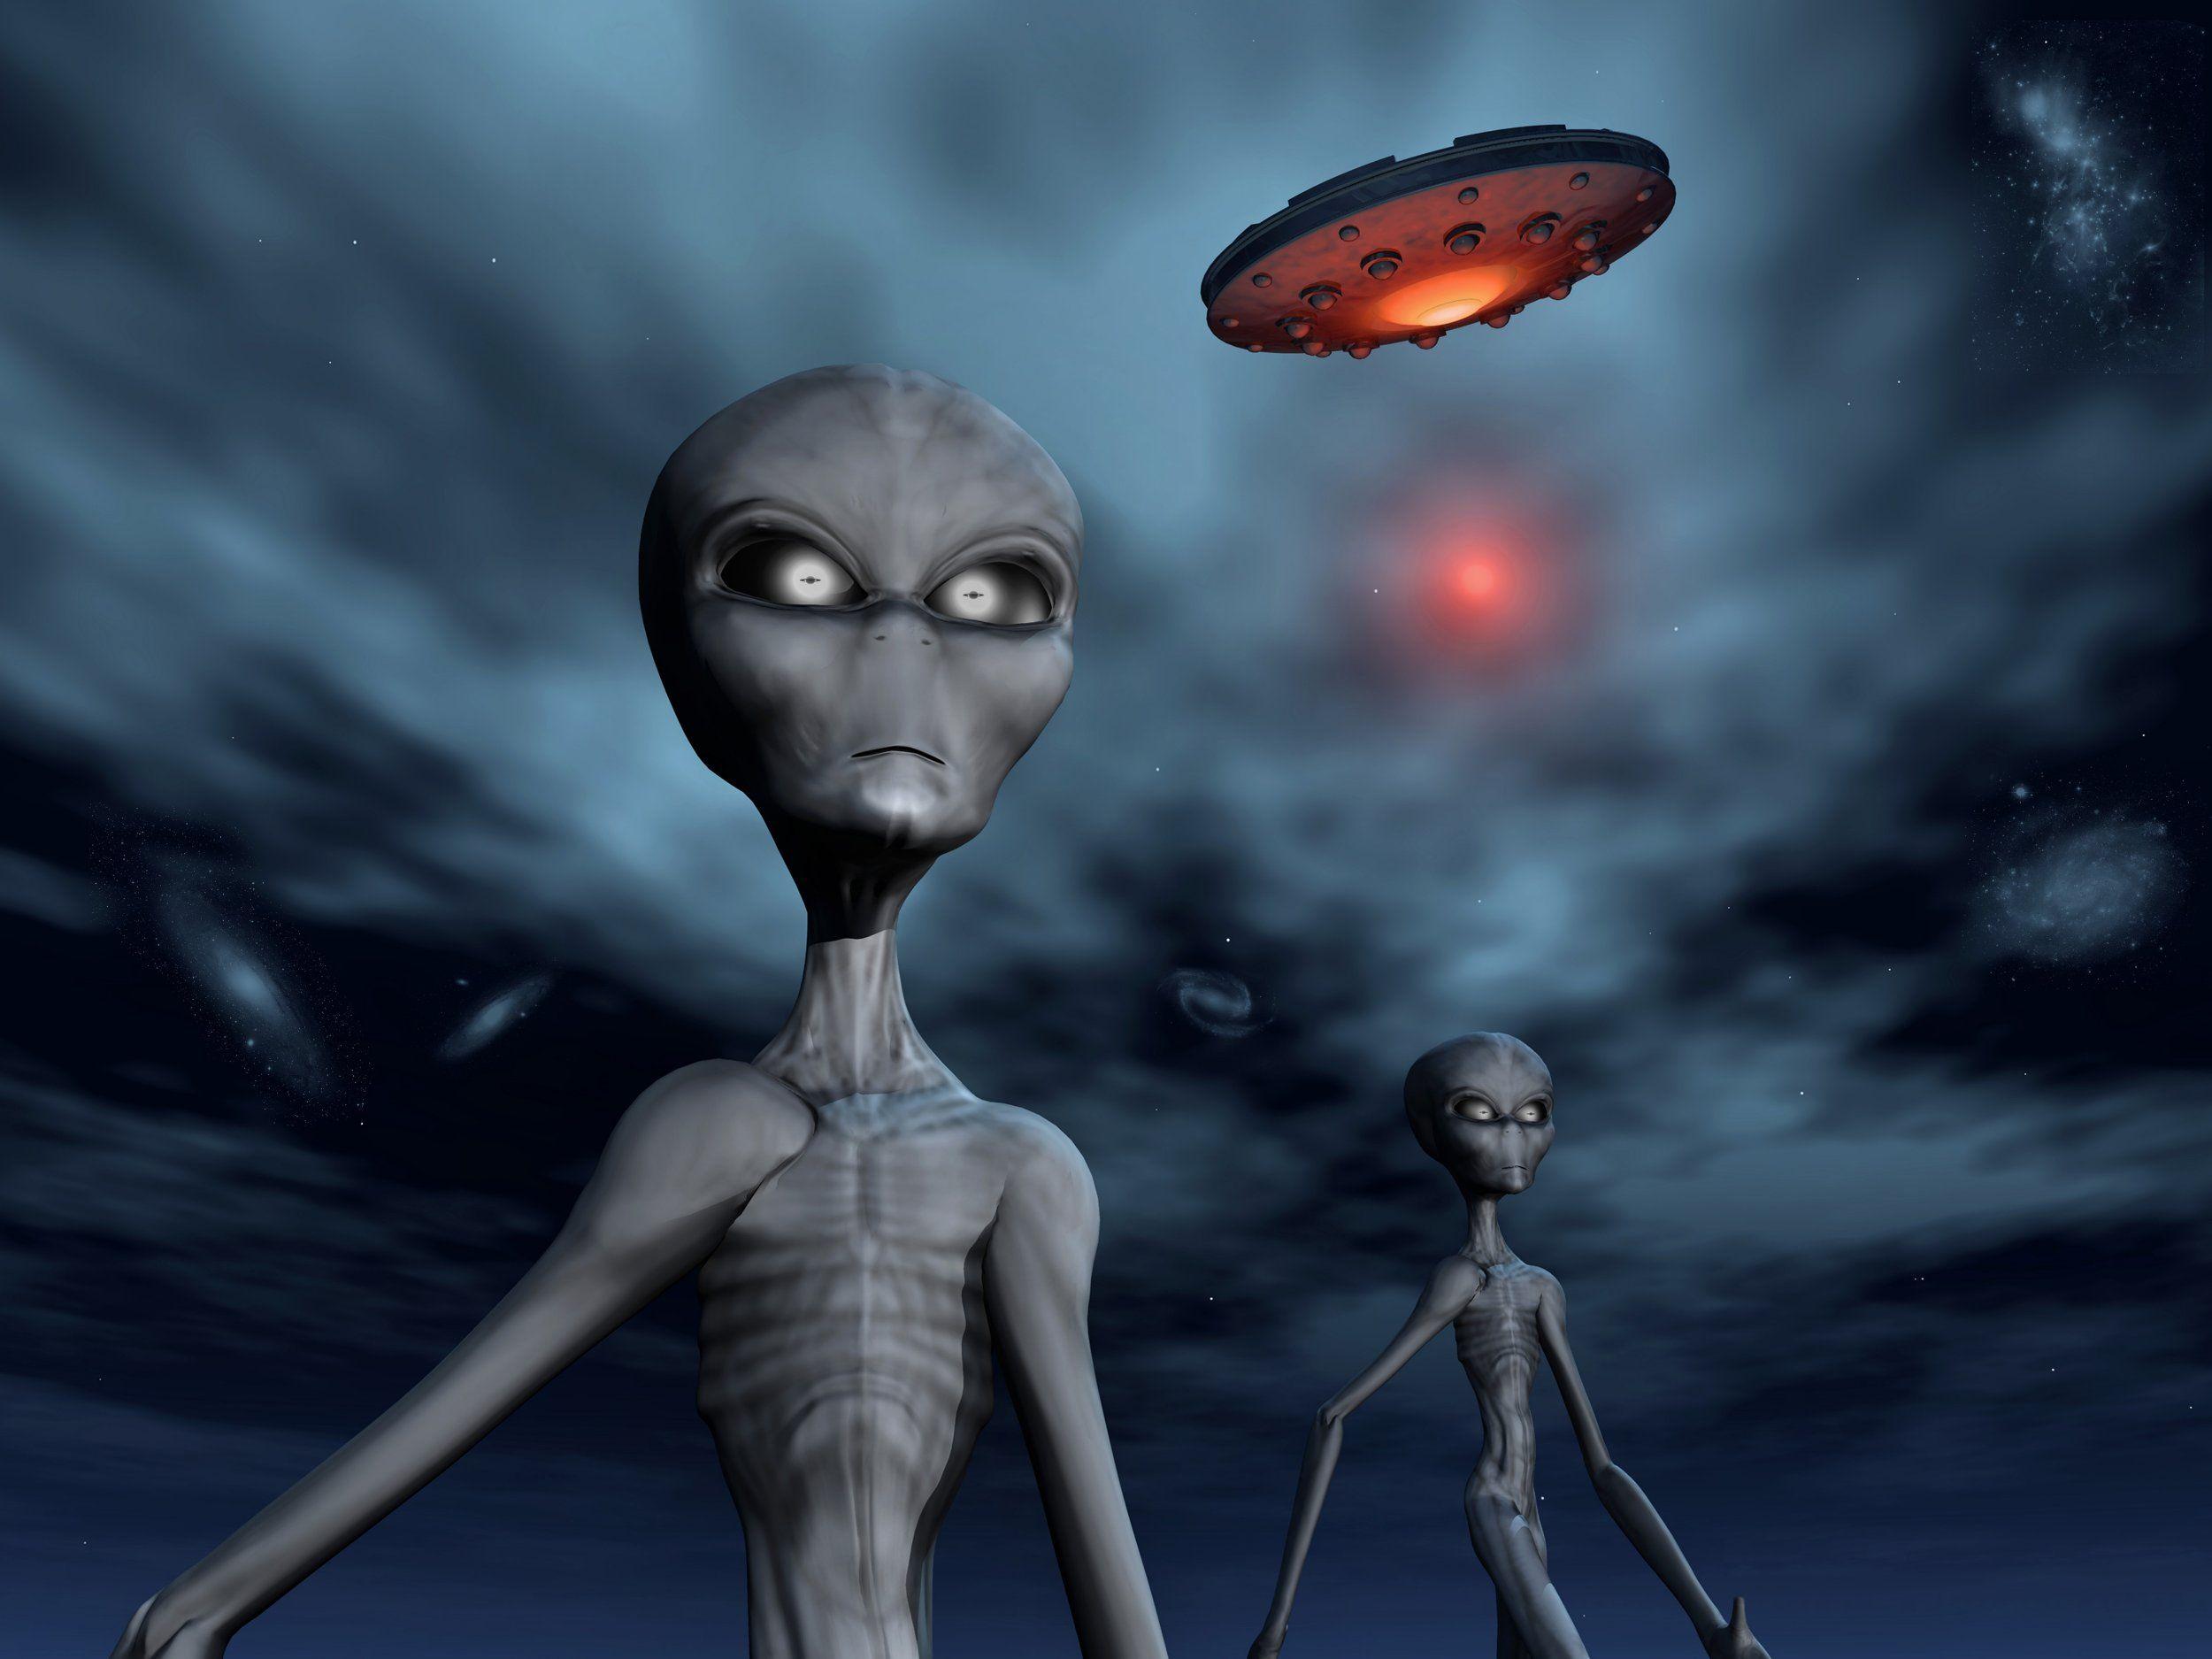 Hình ảnh của người ngoài hành tinh